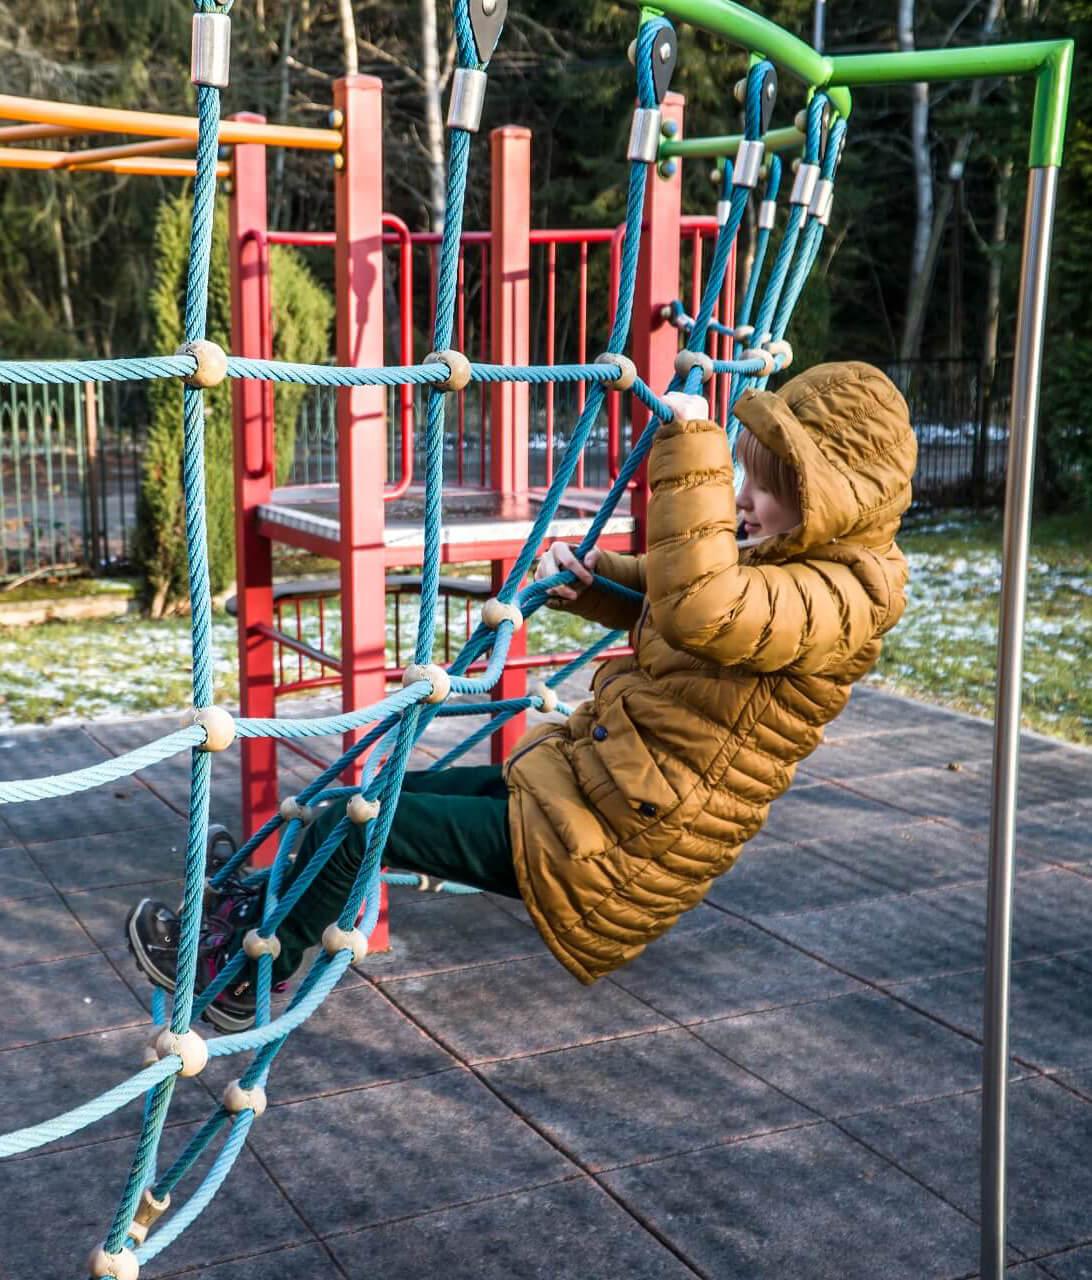 Plac zabaw_Szpital dla dzieci rehabilitacyjny